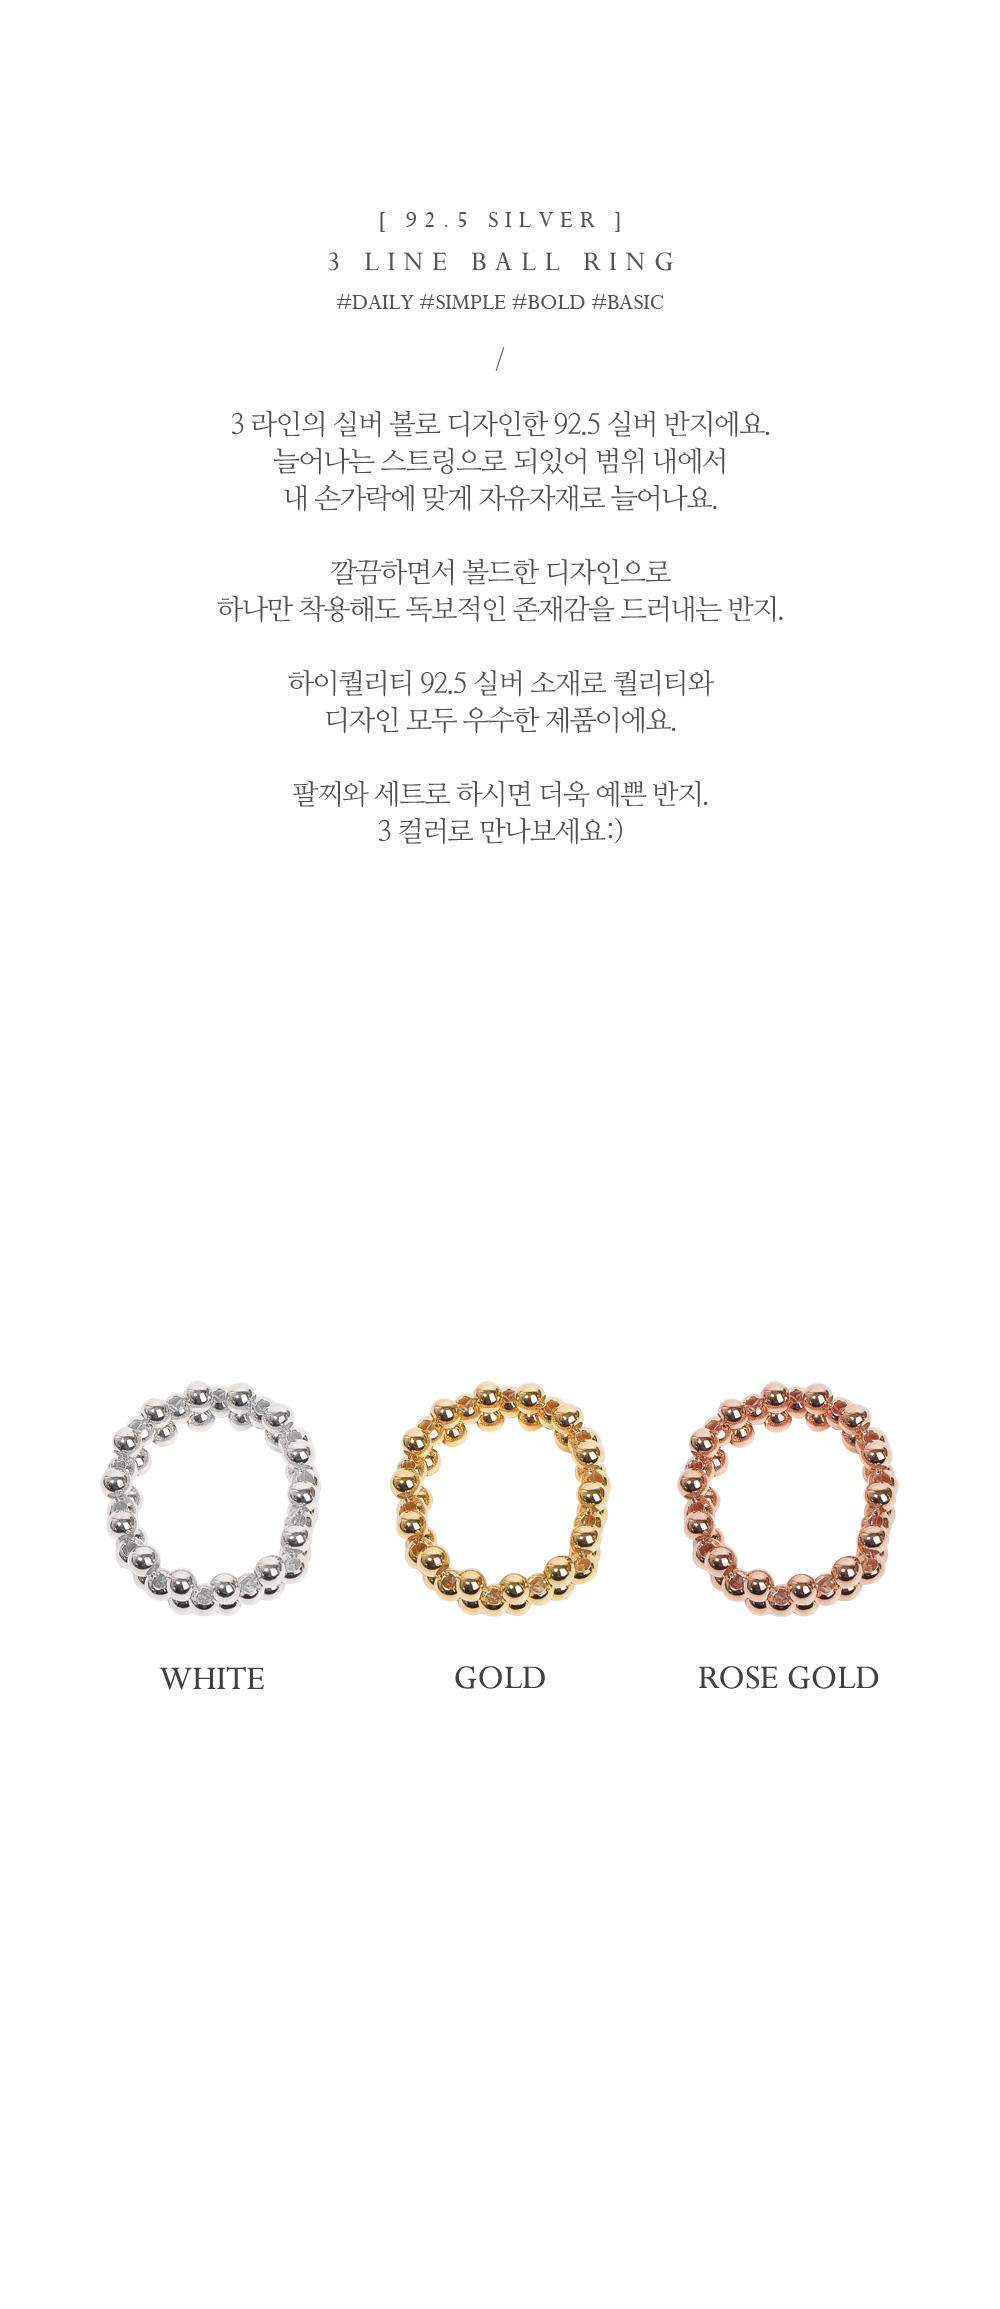 [실버] 3 라인 볼 반지 - 폭스타일글로벌주식회사, 12,000원, 실버, 진주/원석반지